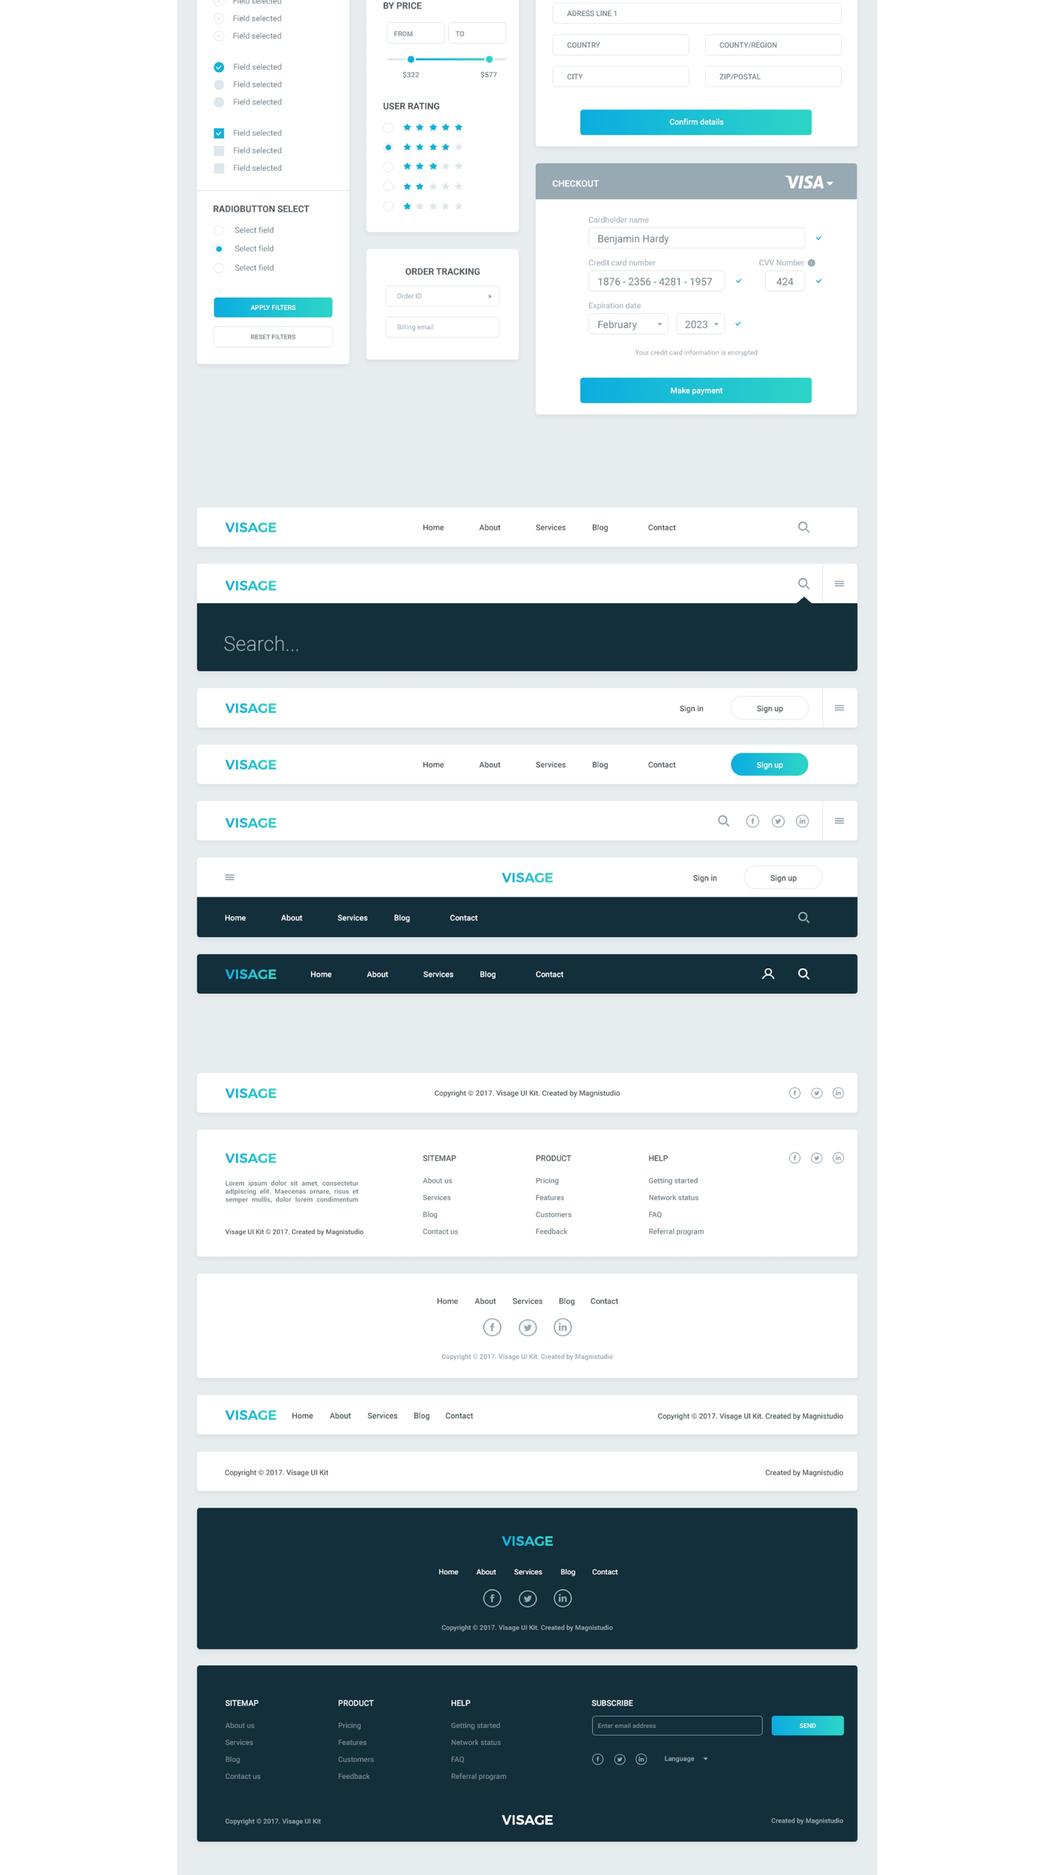 一套完整的 Web 工具包 UI 模块  -  PSD模板下载